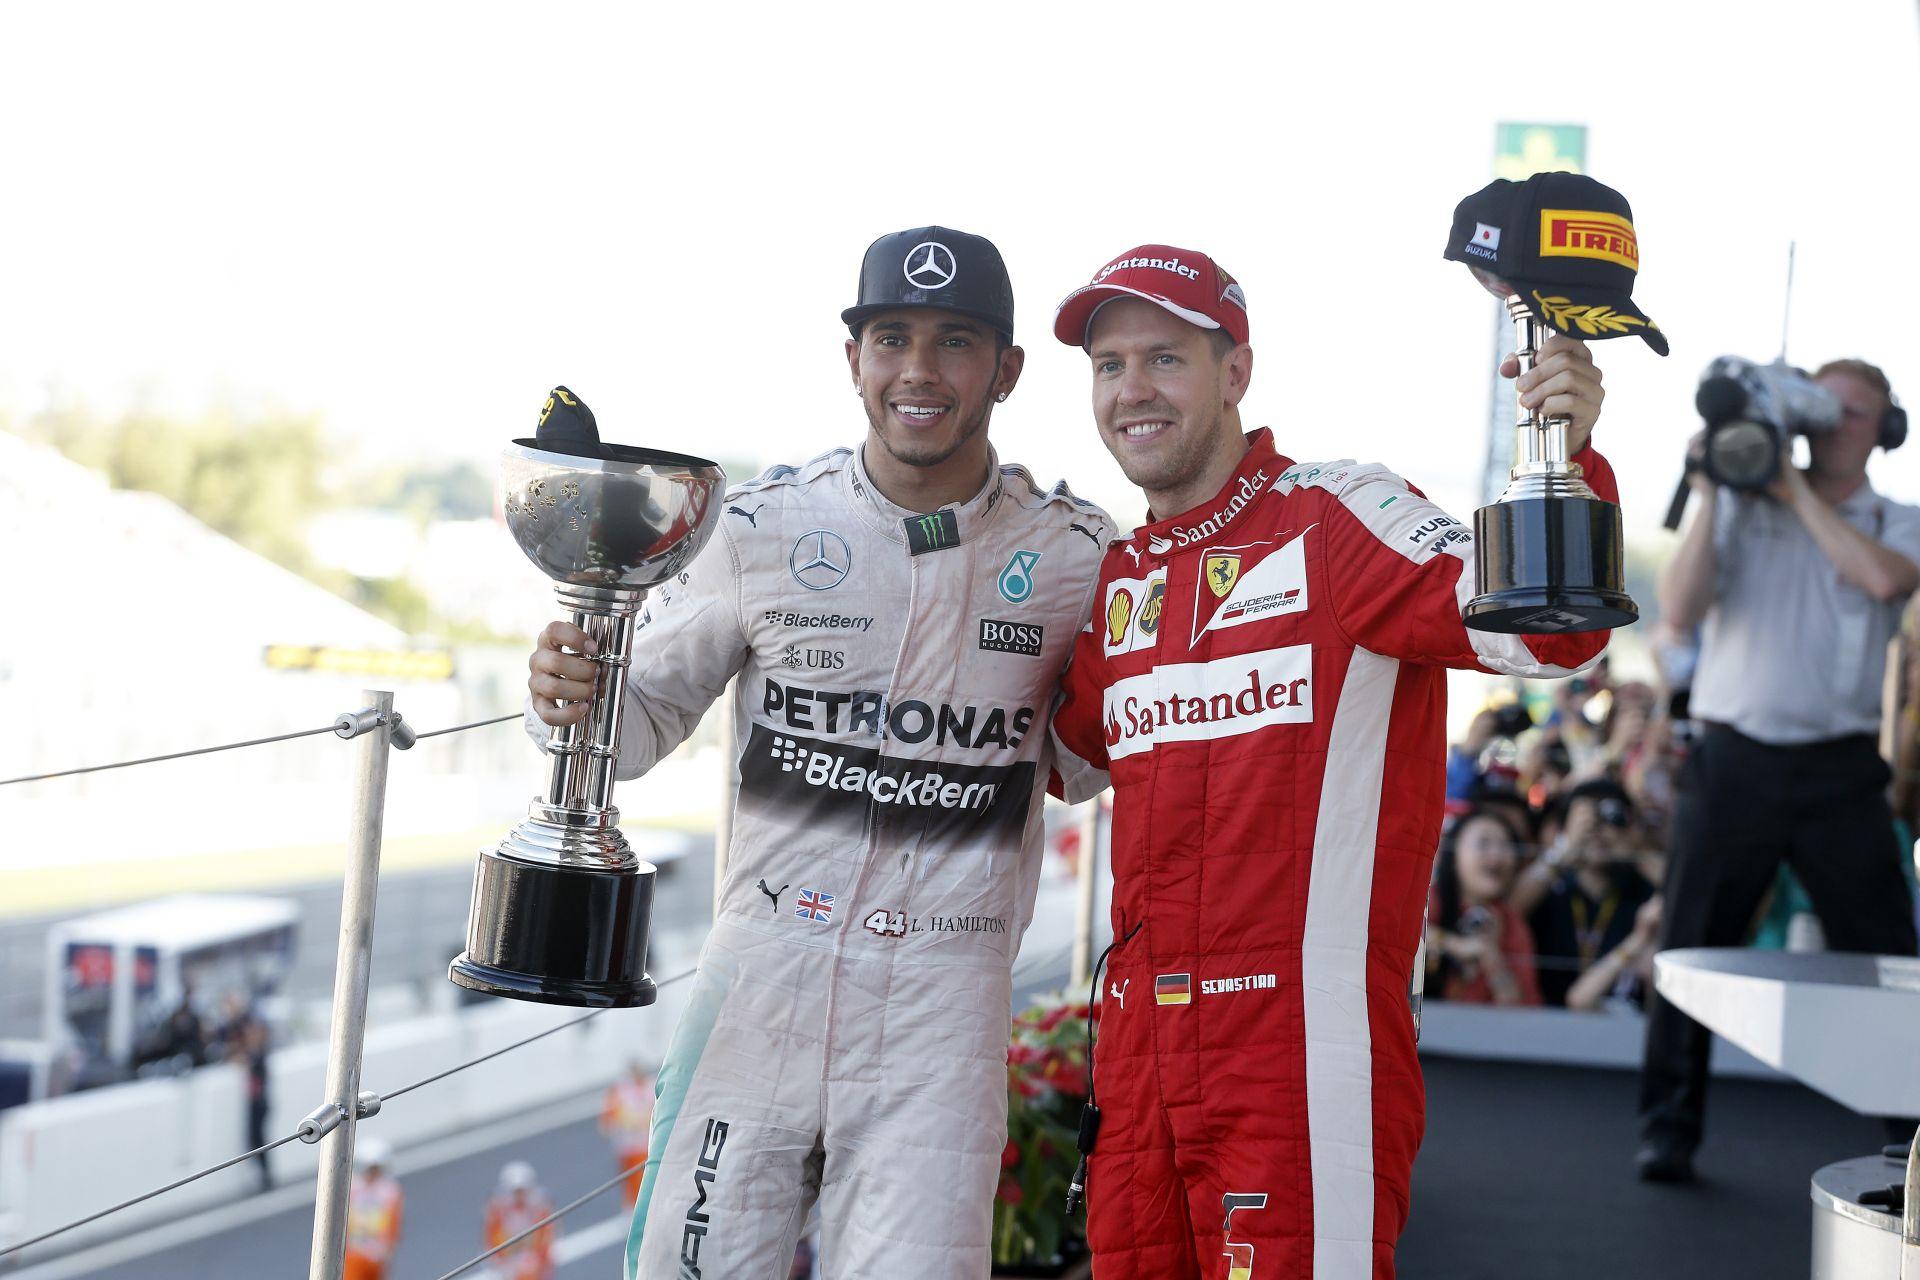 Amikor nagyon ment a szekér Vettelnek, Hamilton teljesen mást nyilatkozott róla: milyen érdekes...